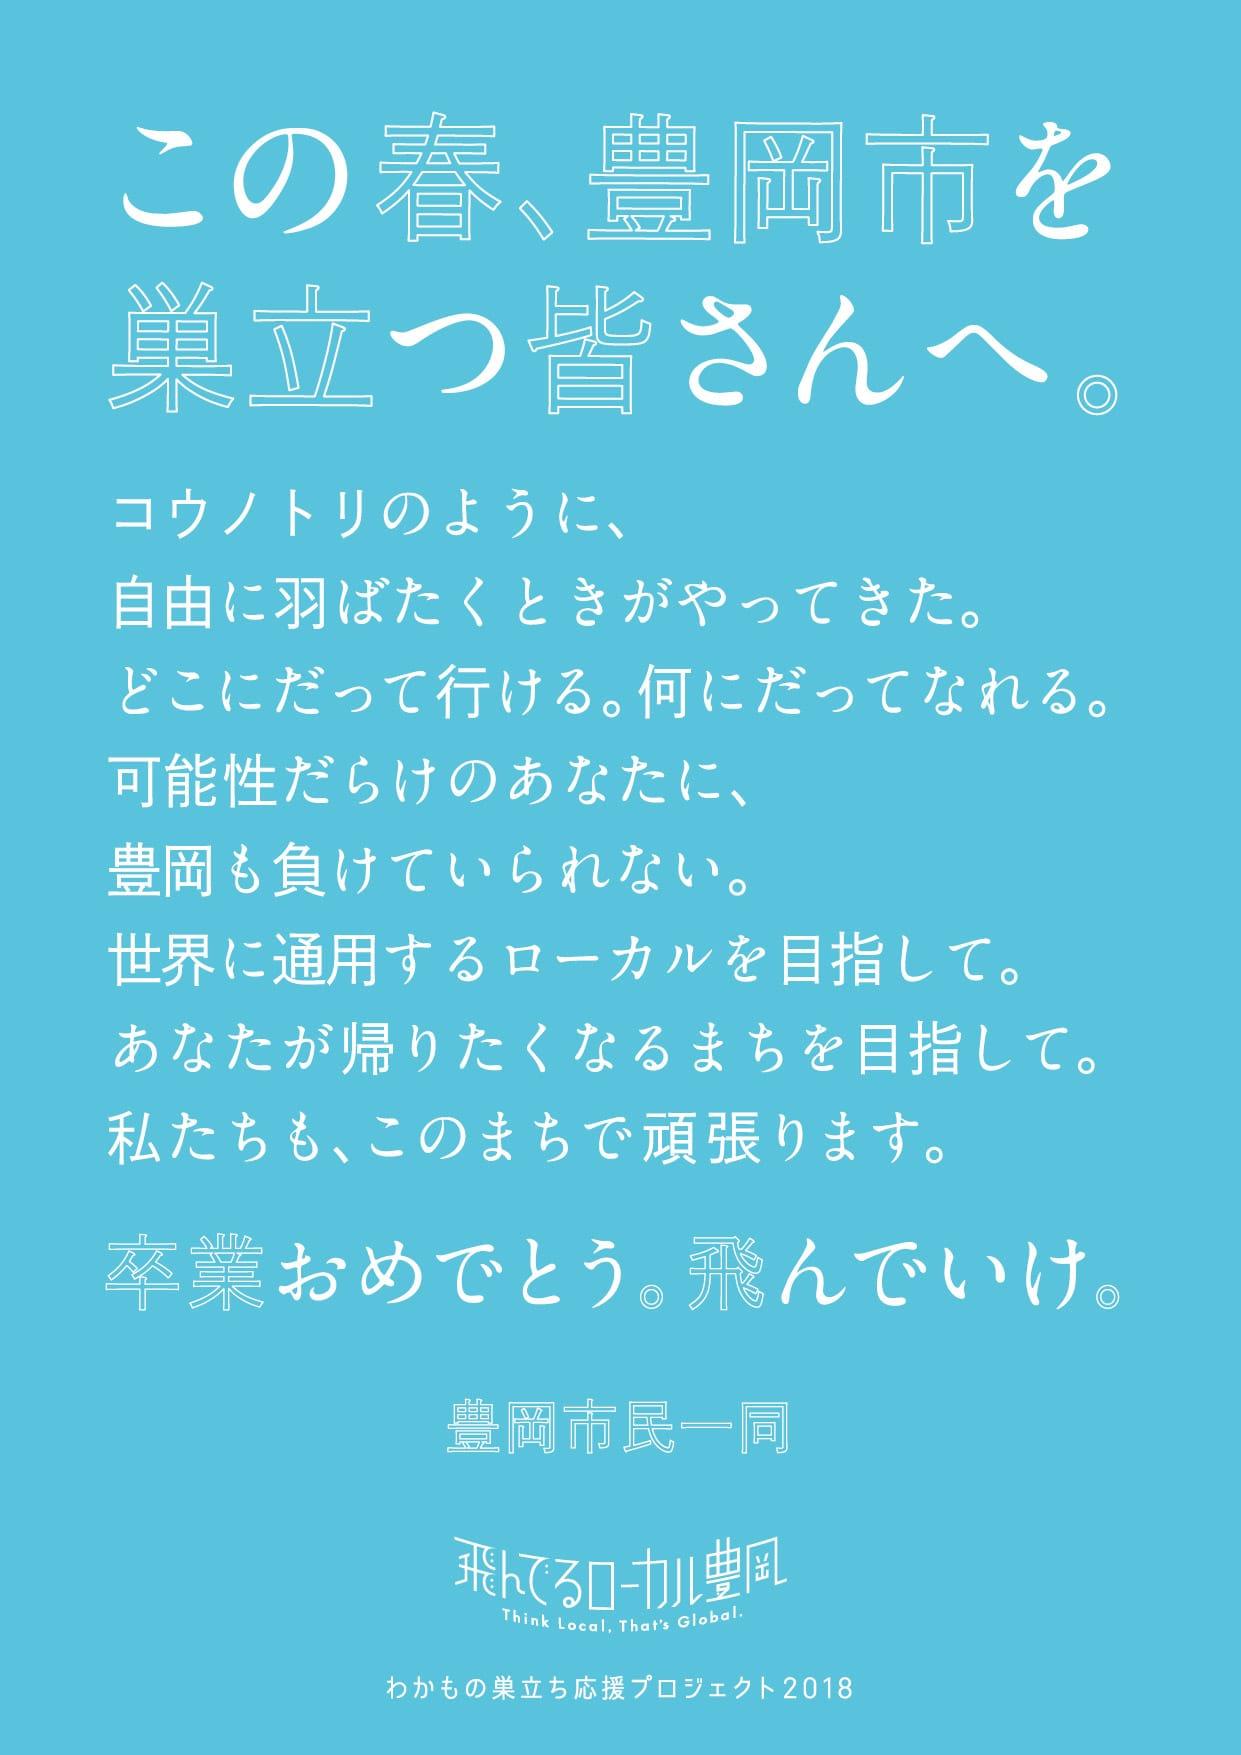 豊岡卒業ポスターjpg180304-20